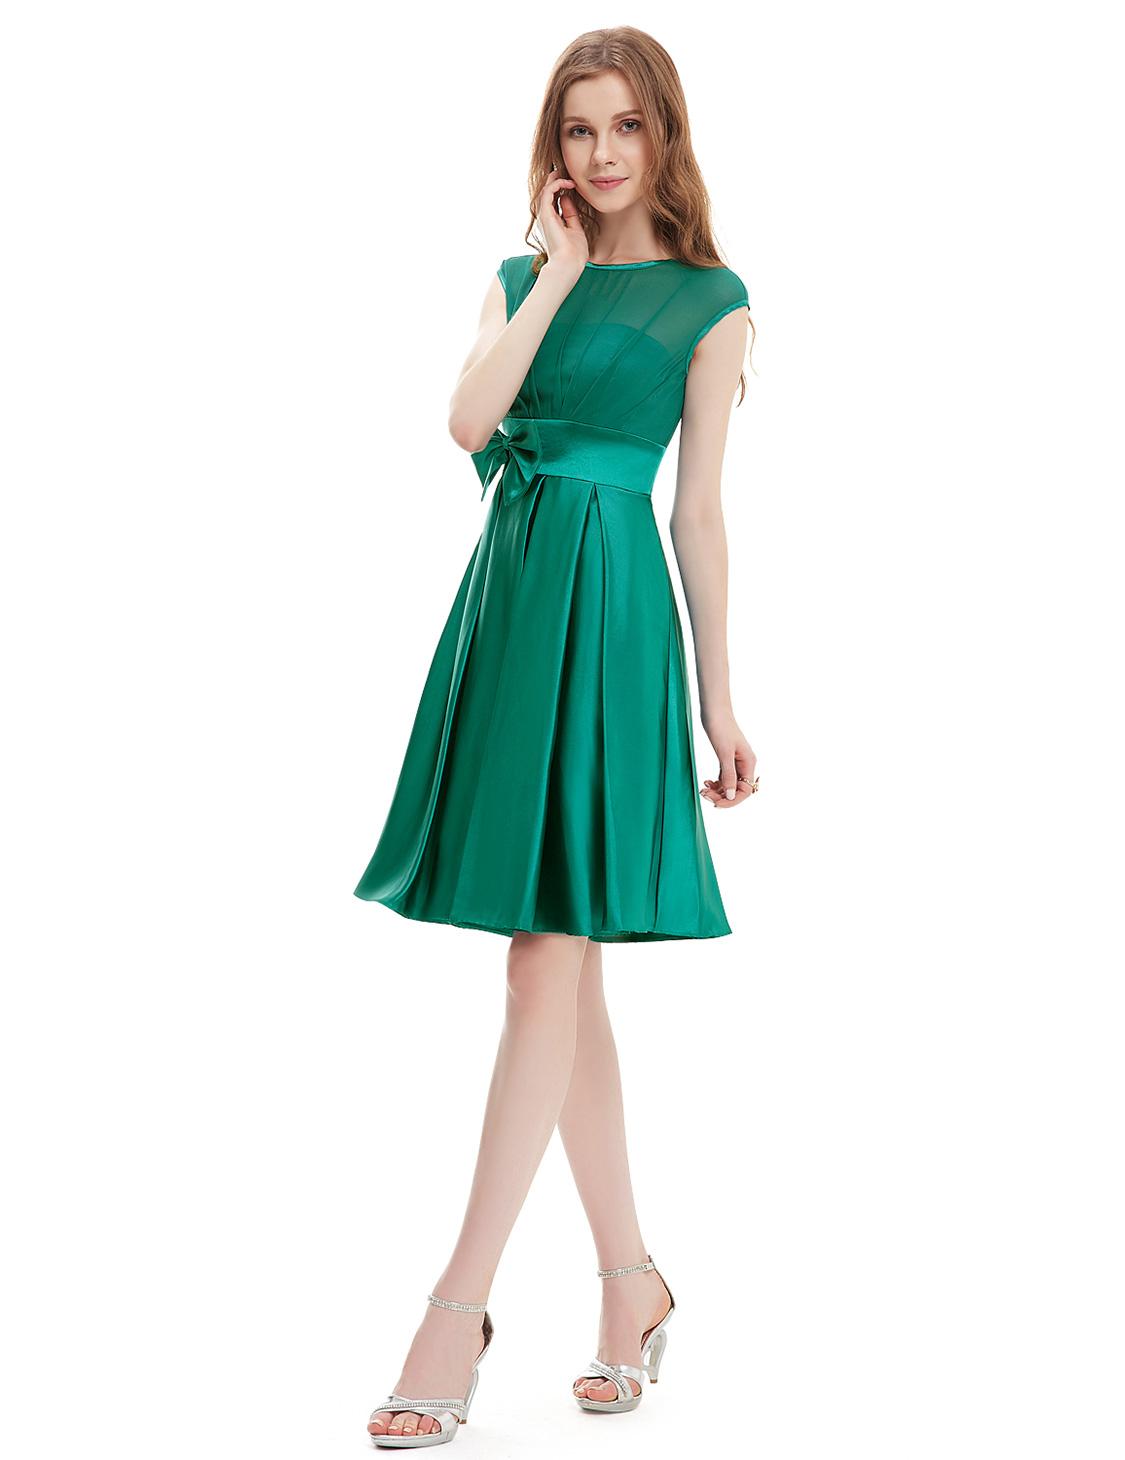 Women\'s Hot Short Cocktail Party Dresses Club Party Dresses 06113 ...